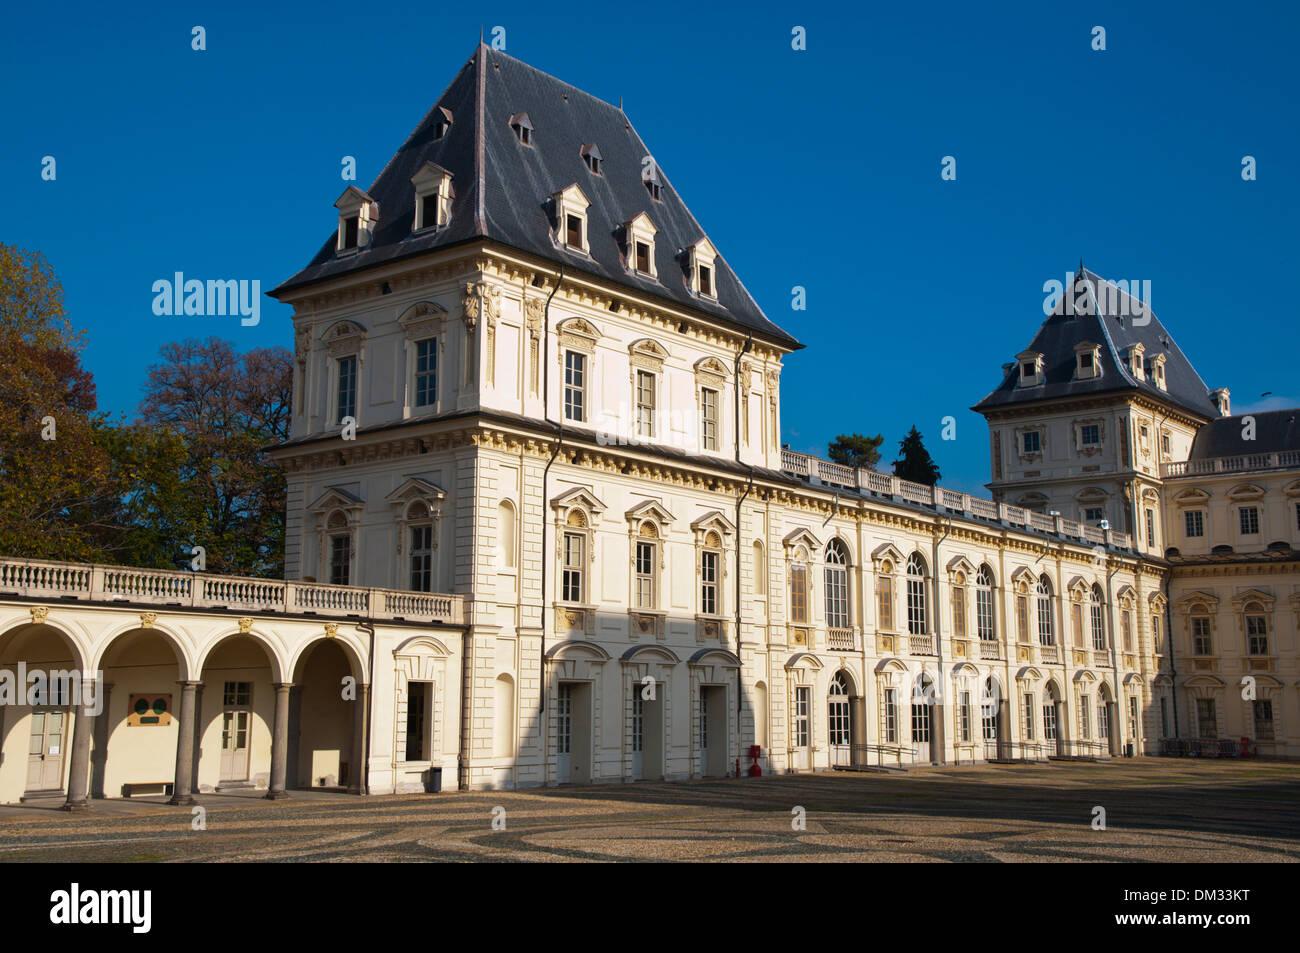 El Castello del Valentino (1660) de la facultad de arquitectura de la vivienda ahora Parco del Valentino Park de la ciudad de Turín Piamonte Italia Imagen De Stock